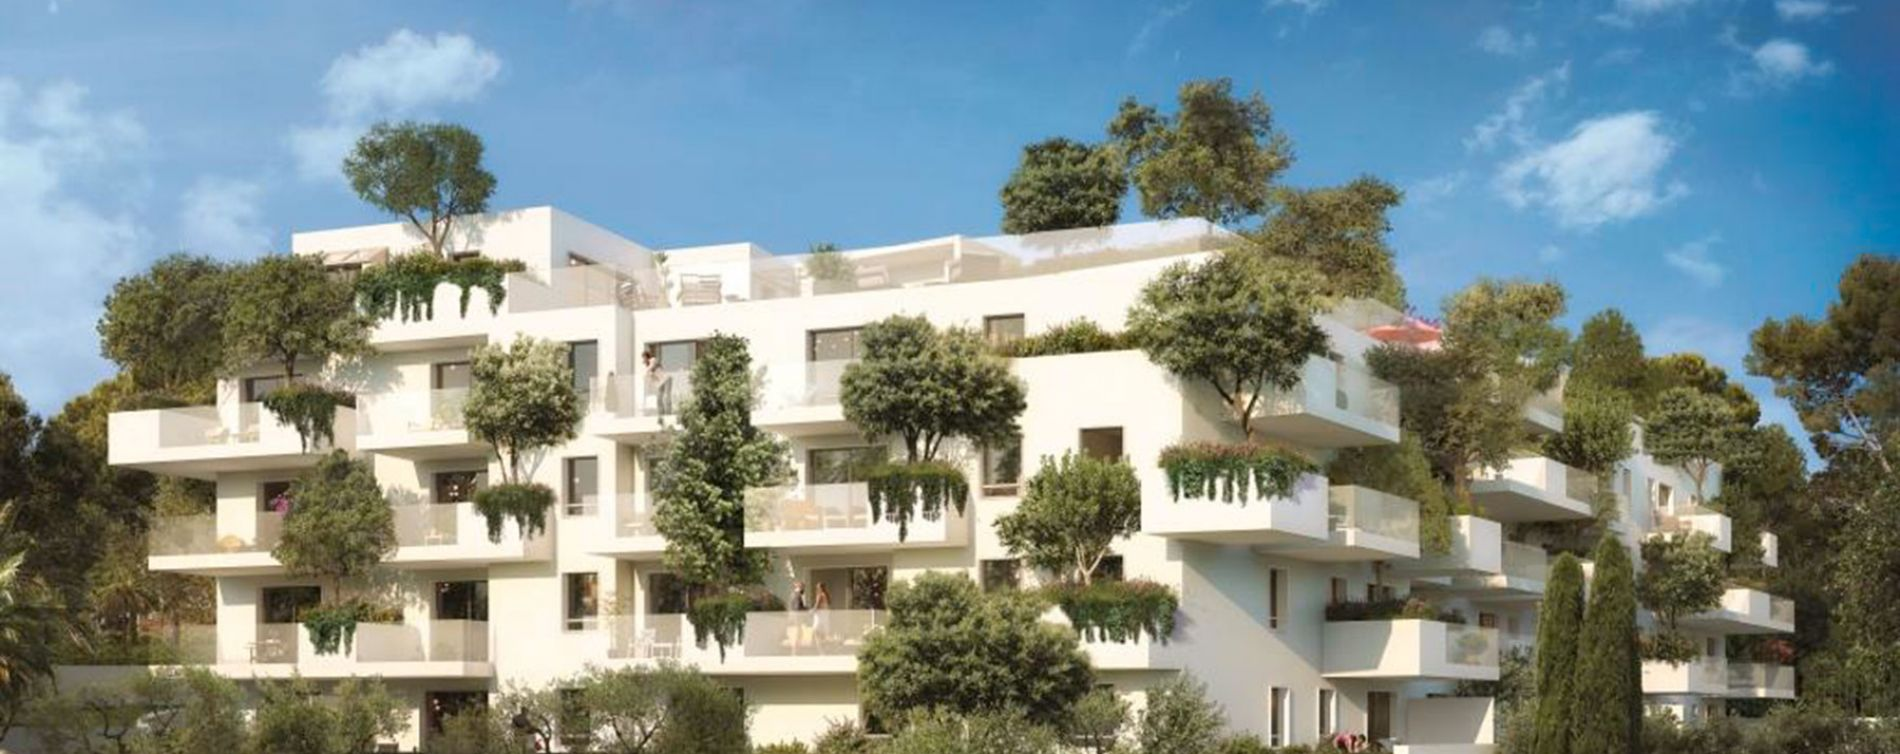 Résidence Sky Lodge à Montpellier